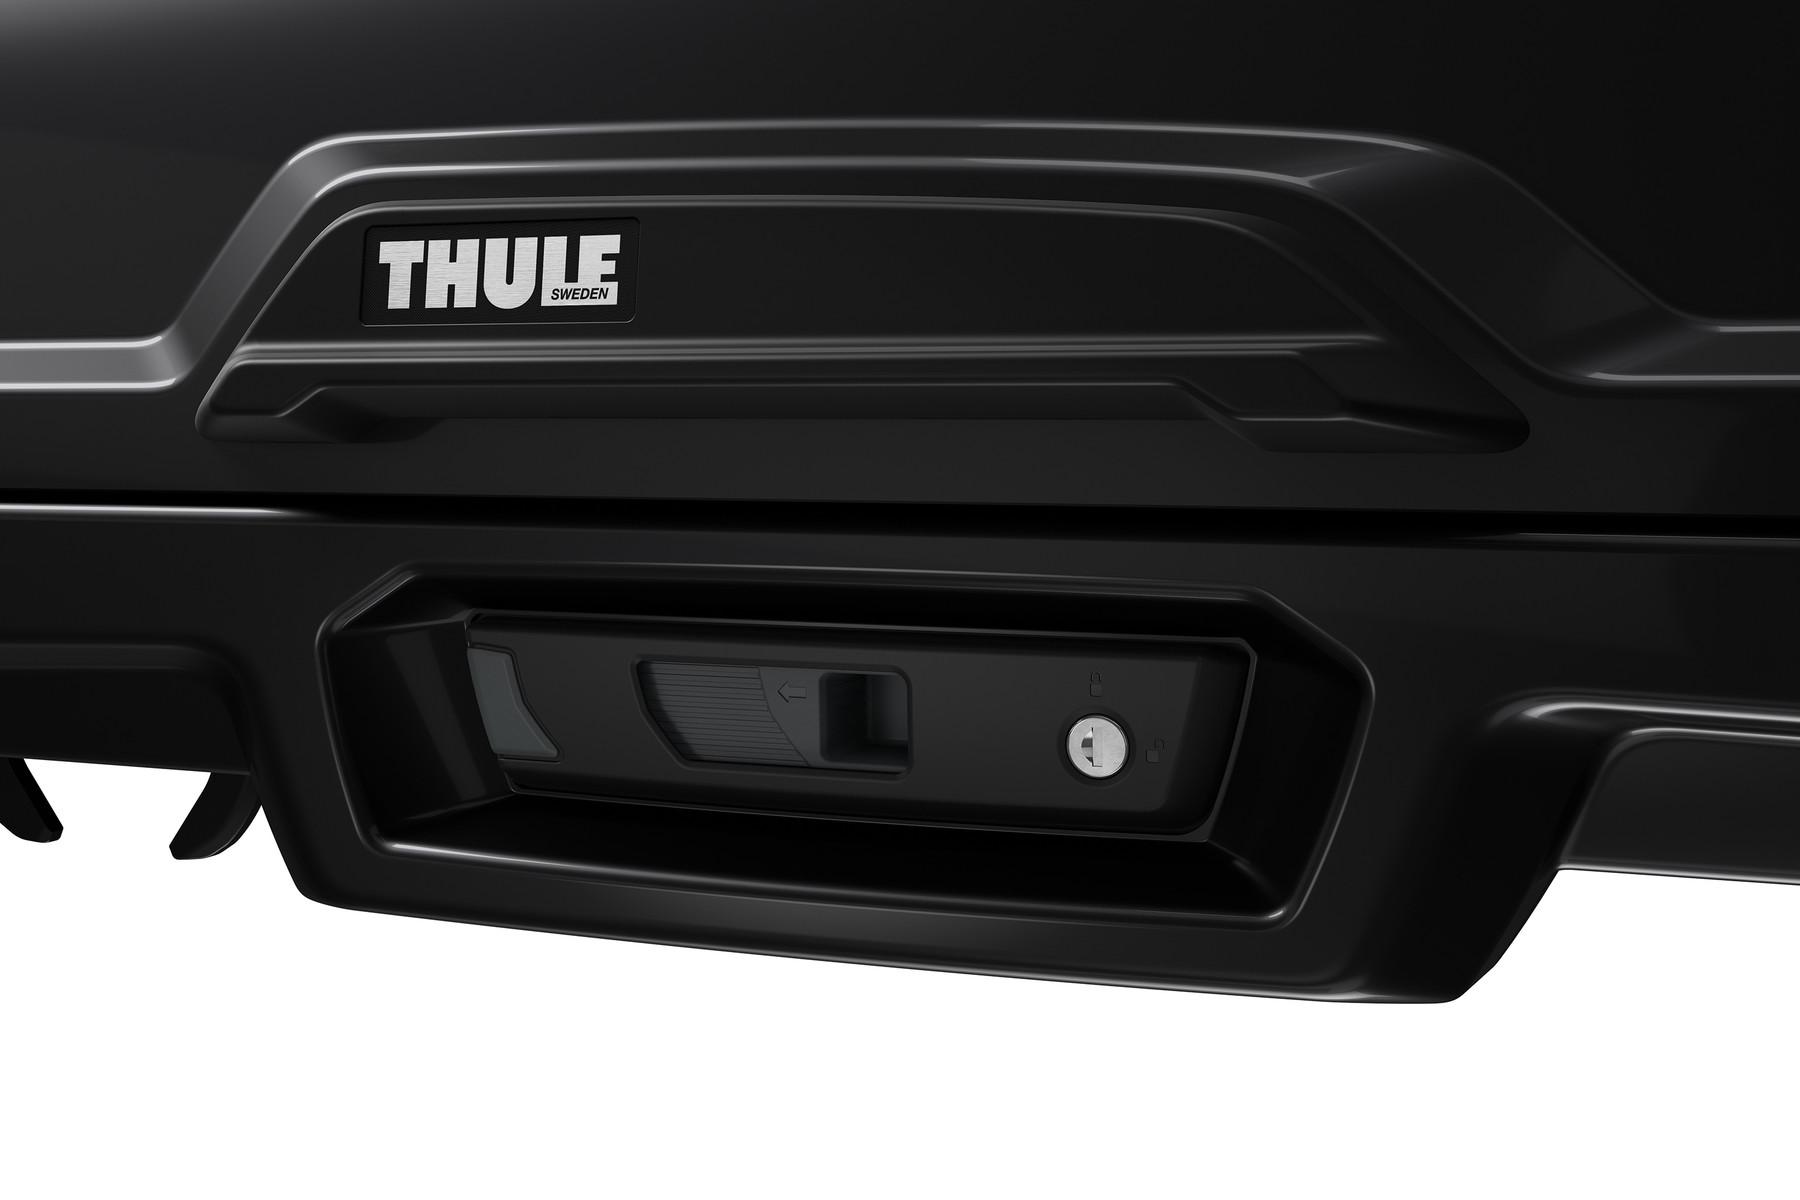 Автомобильный бокс Thule Vector M - Титановый матовый цвет ( Titan Matte )  ( 212 x 88 x 33 см ) - ( 360 литров ) - ( 613200 / 6132-00 / 6132-0 / 6132t )